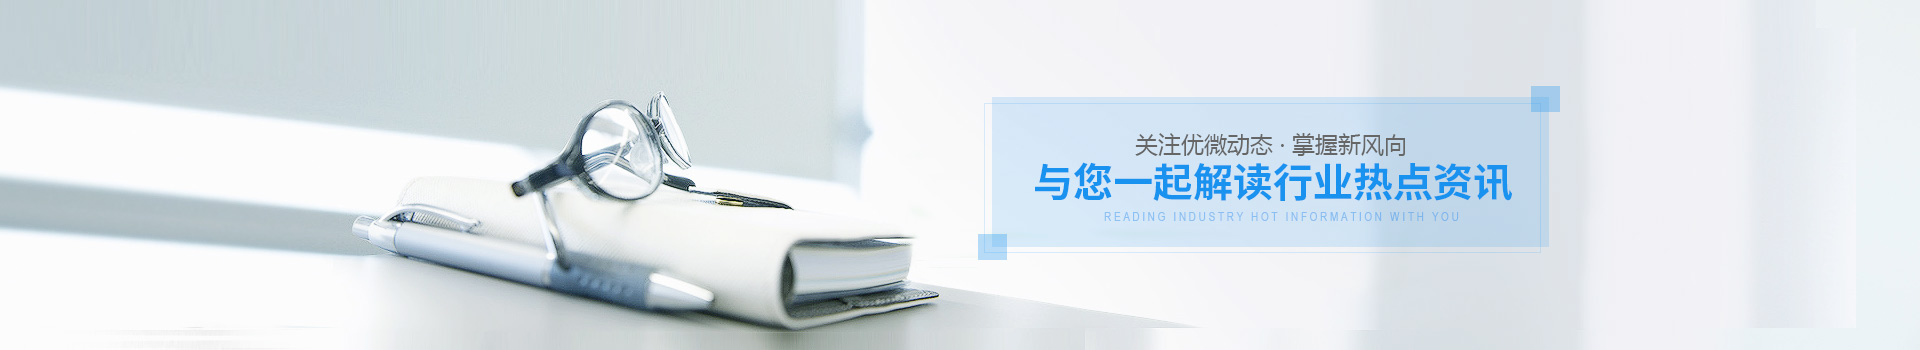 优微轴承-与您一起解读行业热点资讯